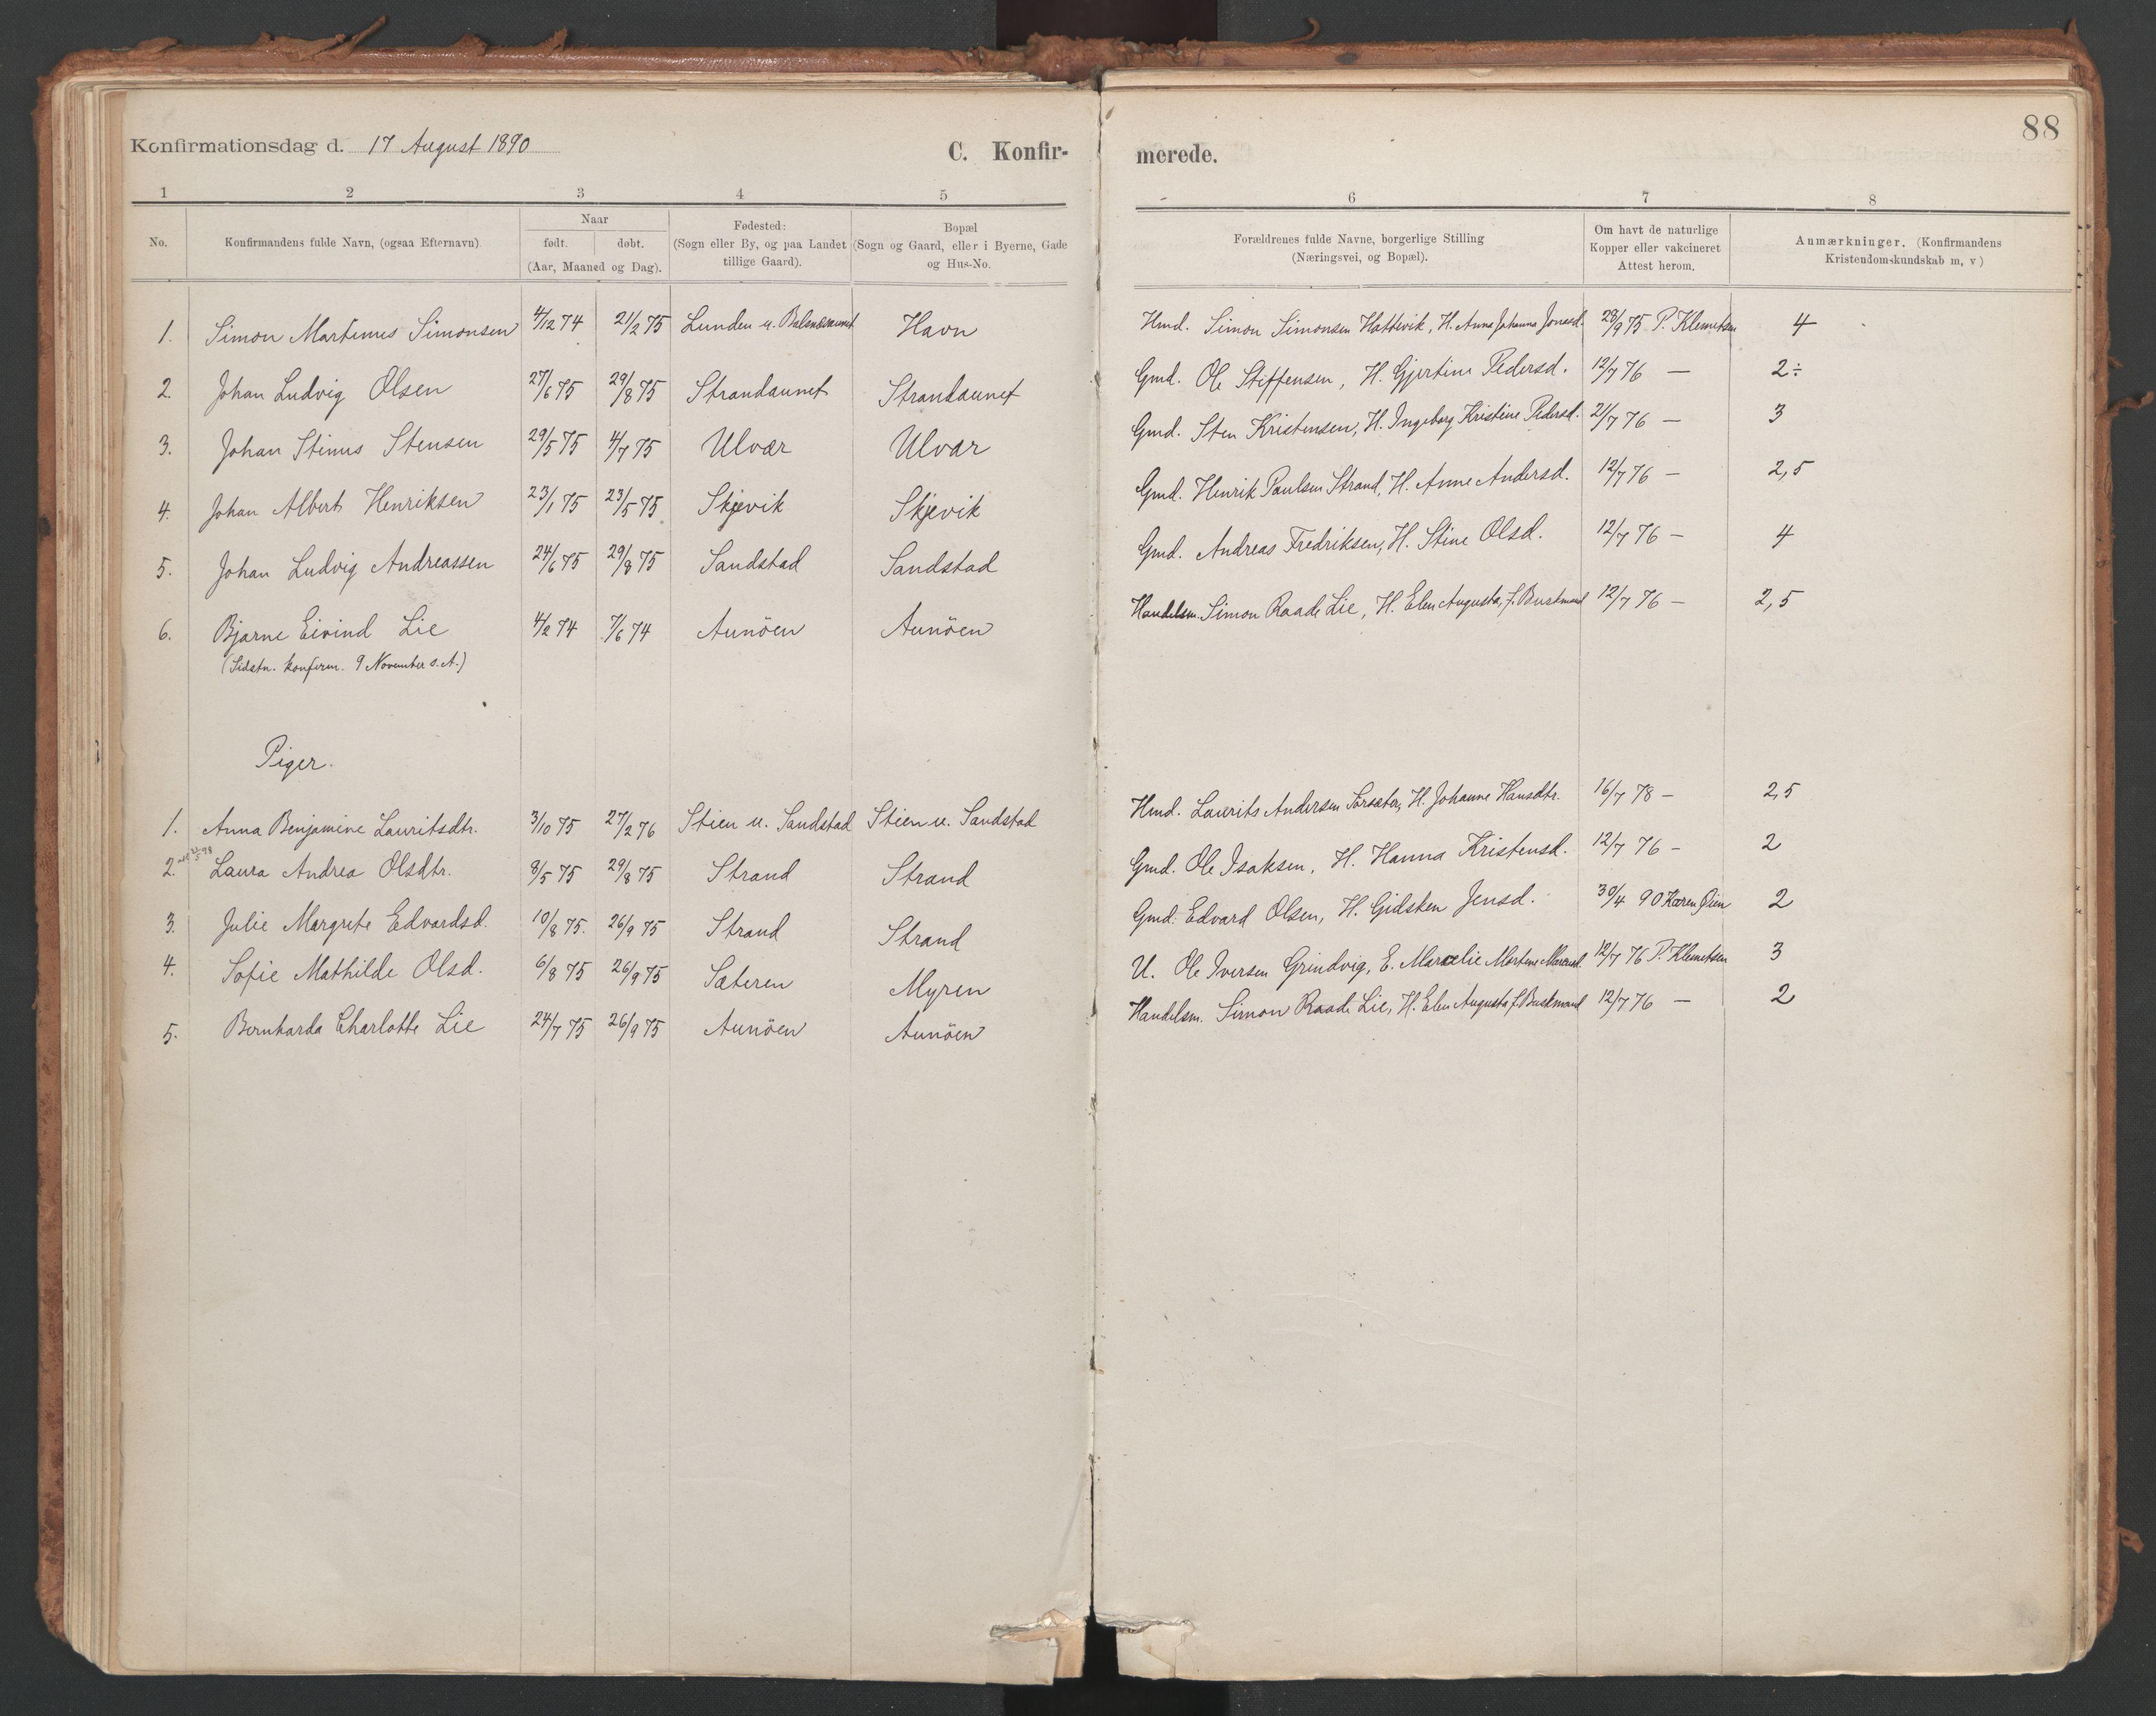 SAT, Ministerialprotokoller, klokkerbøker og fødselsregistre - Sør-Trøndelag, 639/L0572: Ministerialbok nr. 639A01, 1890-1920, s. 88